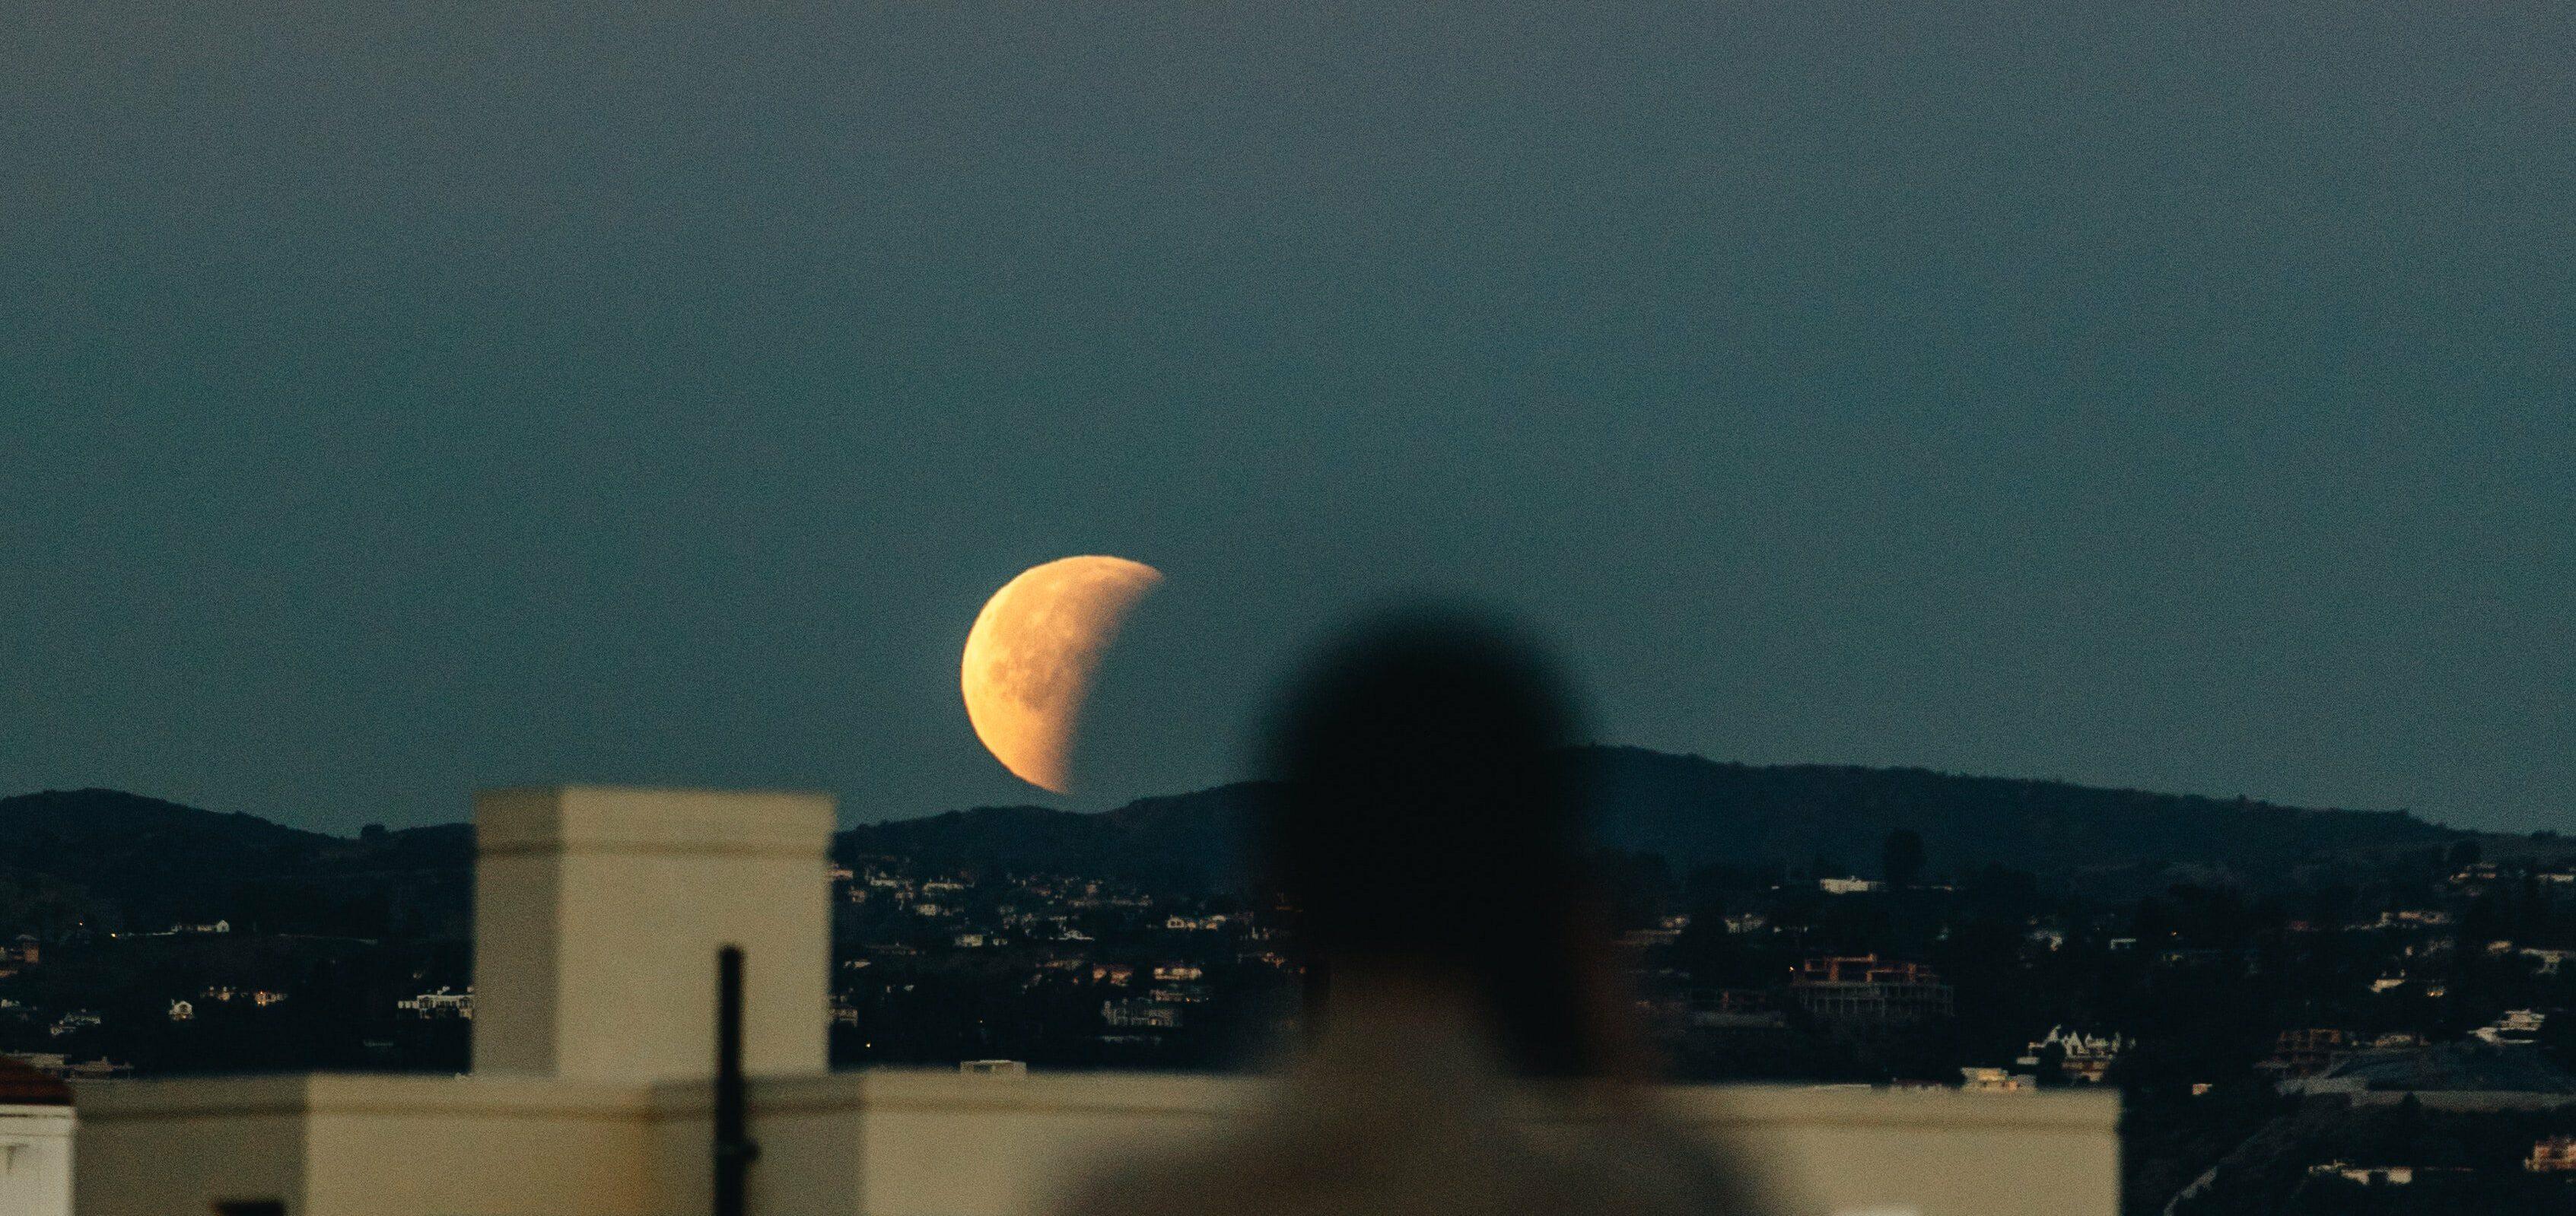 Calendario lunar, conoce las fases de la Luna en 2020 - WeMystic